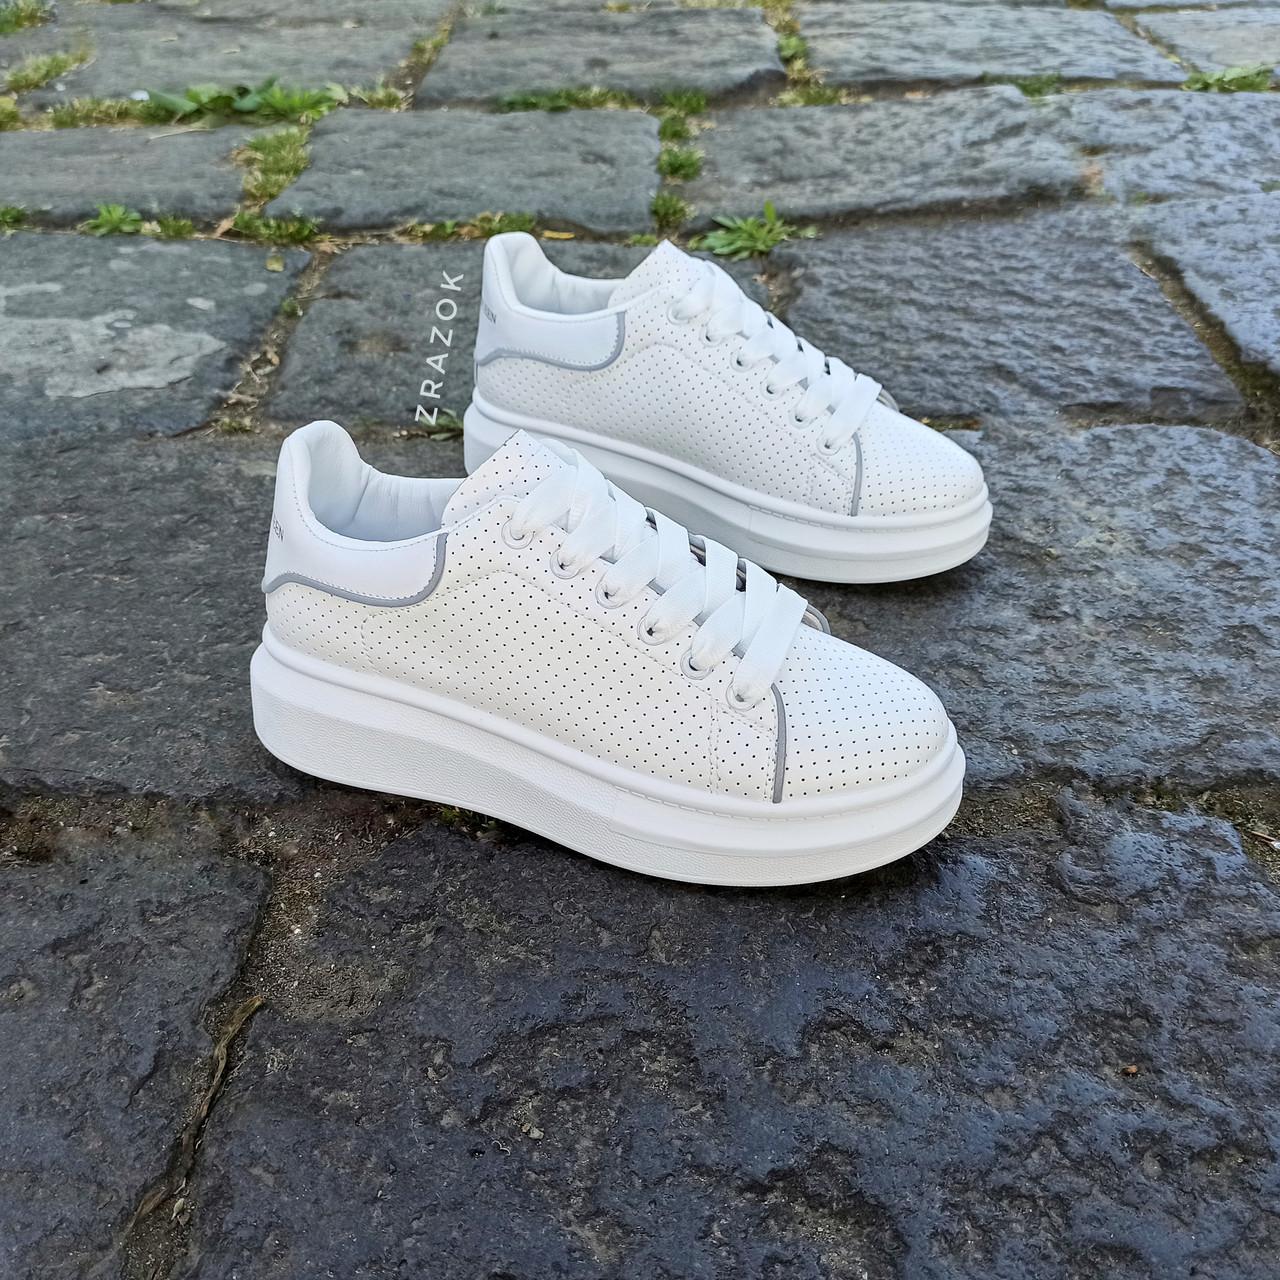 Кросівки ALEXANDER MCQUEEN з рефлективом |копія| білі на товстій підошві високі еко шкіряні перфорація